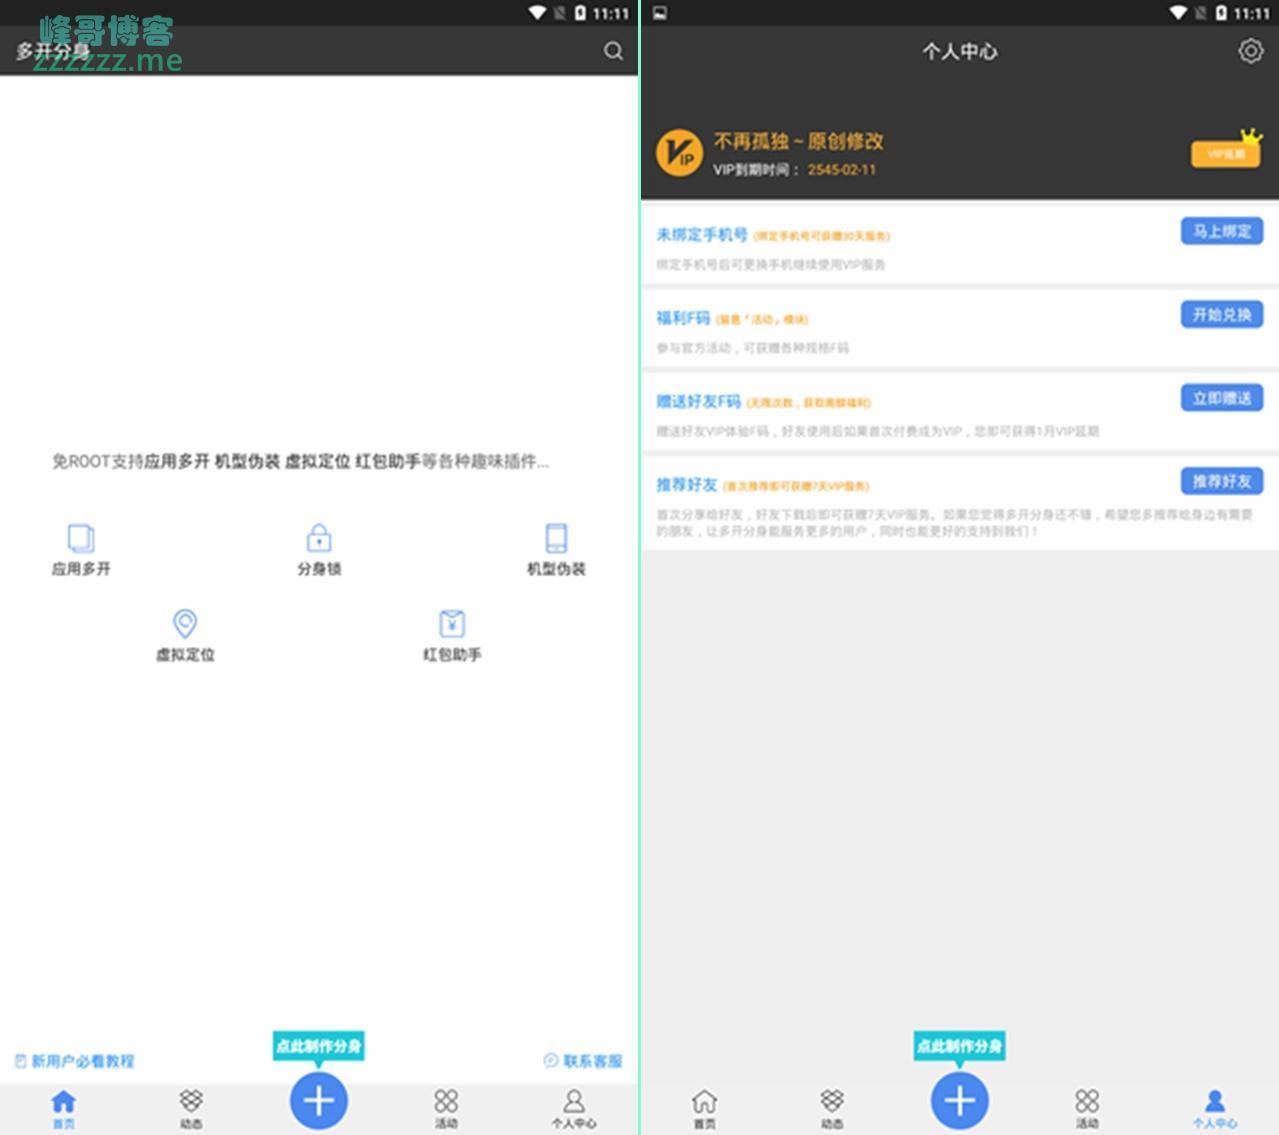 安卓多开分身V7.6 永久VIP付费会员破解修复闪退版